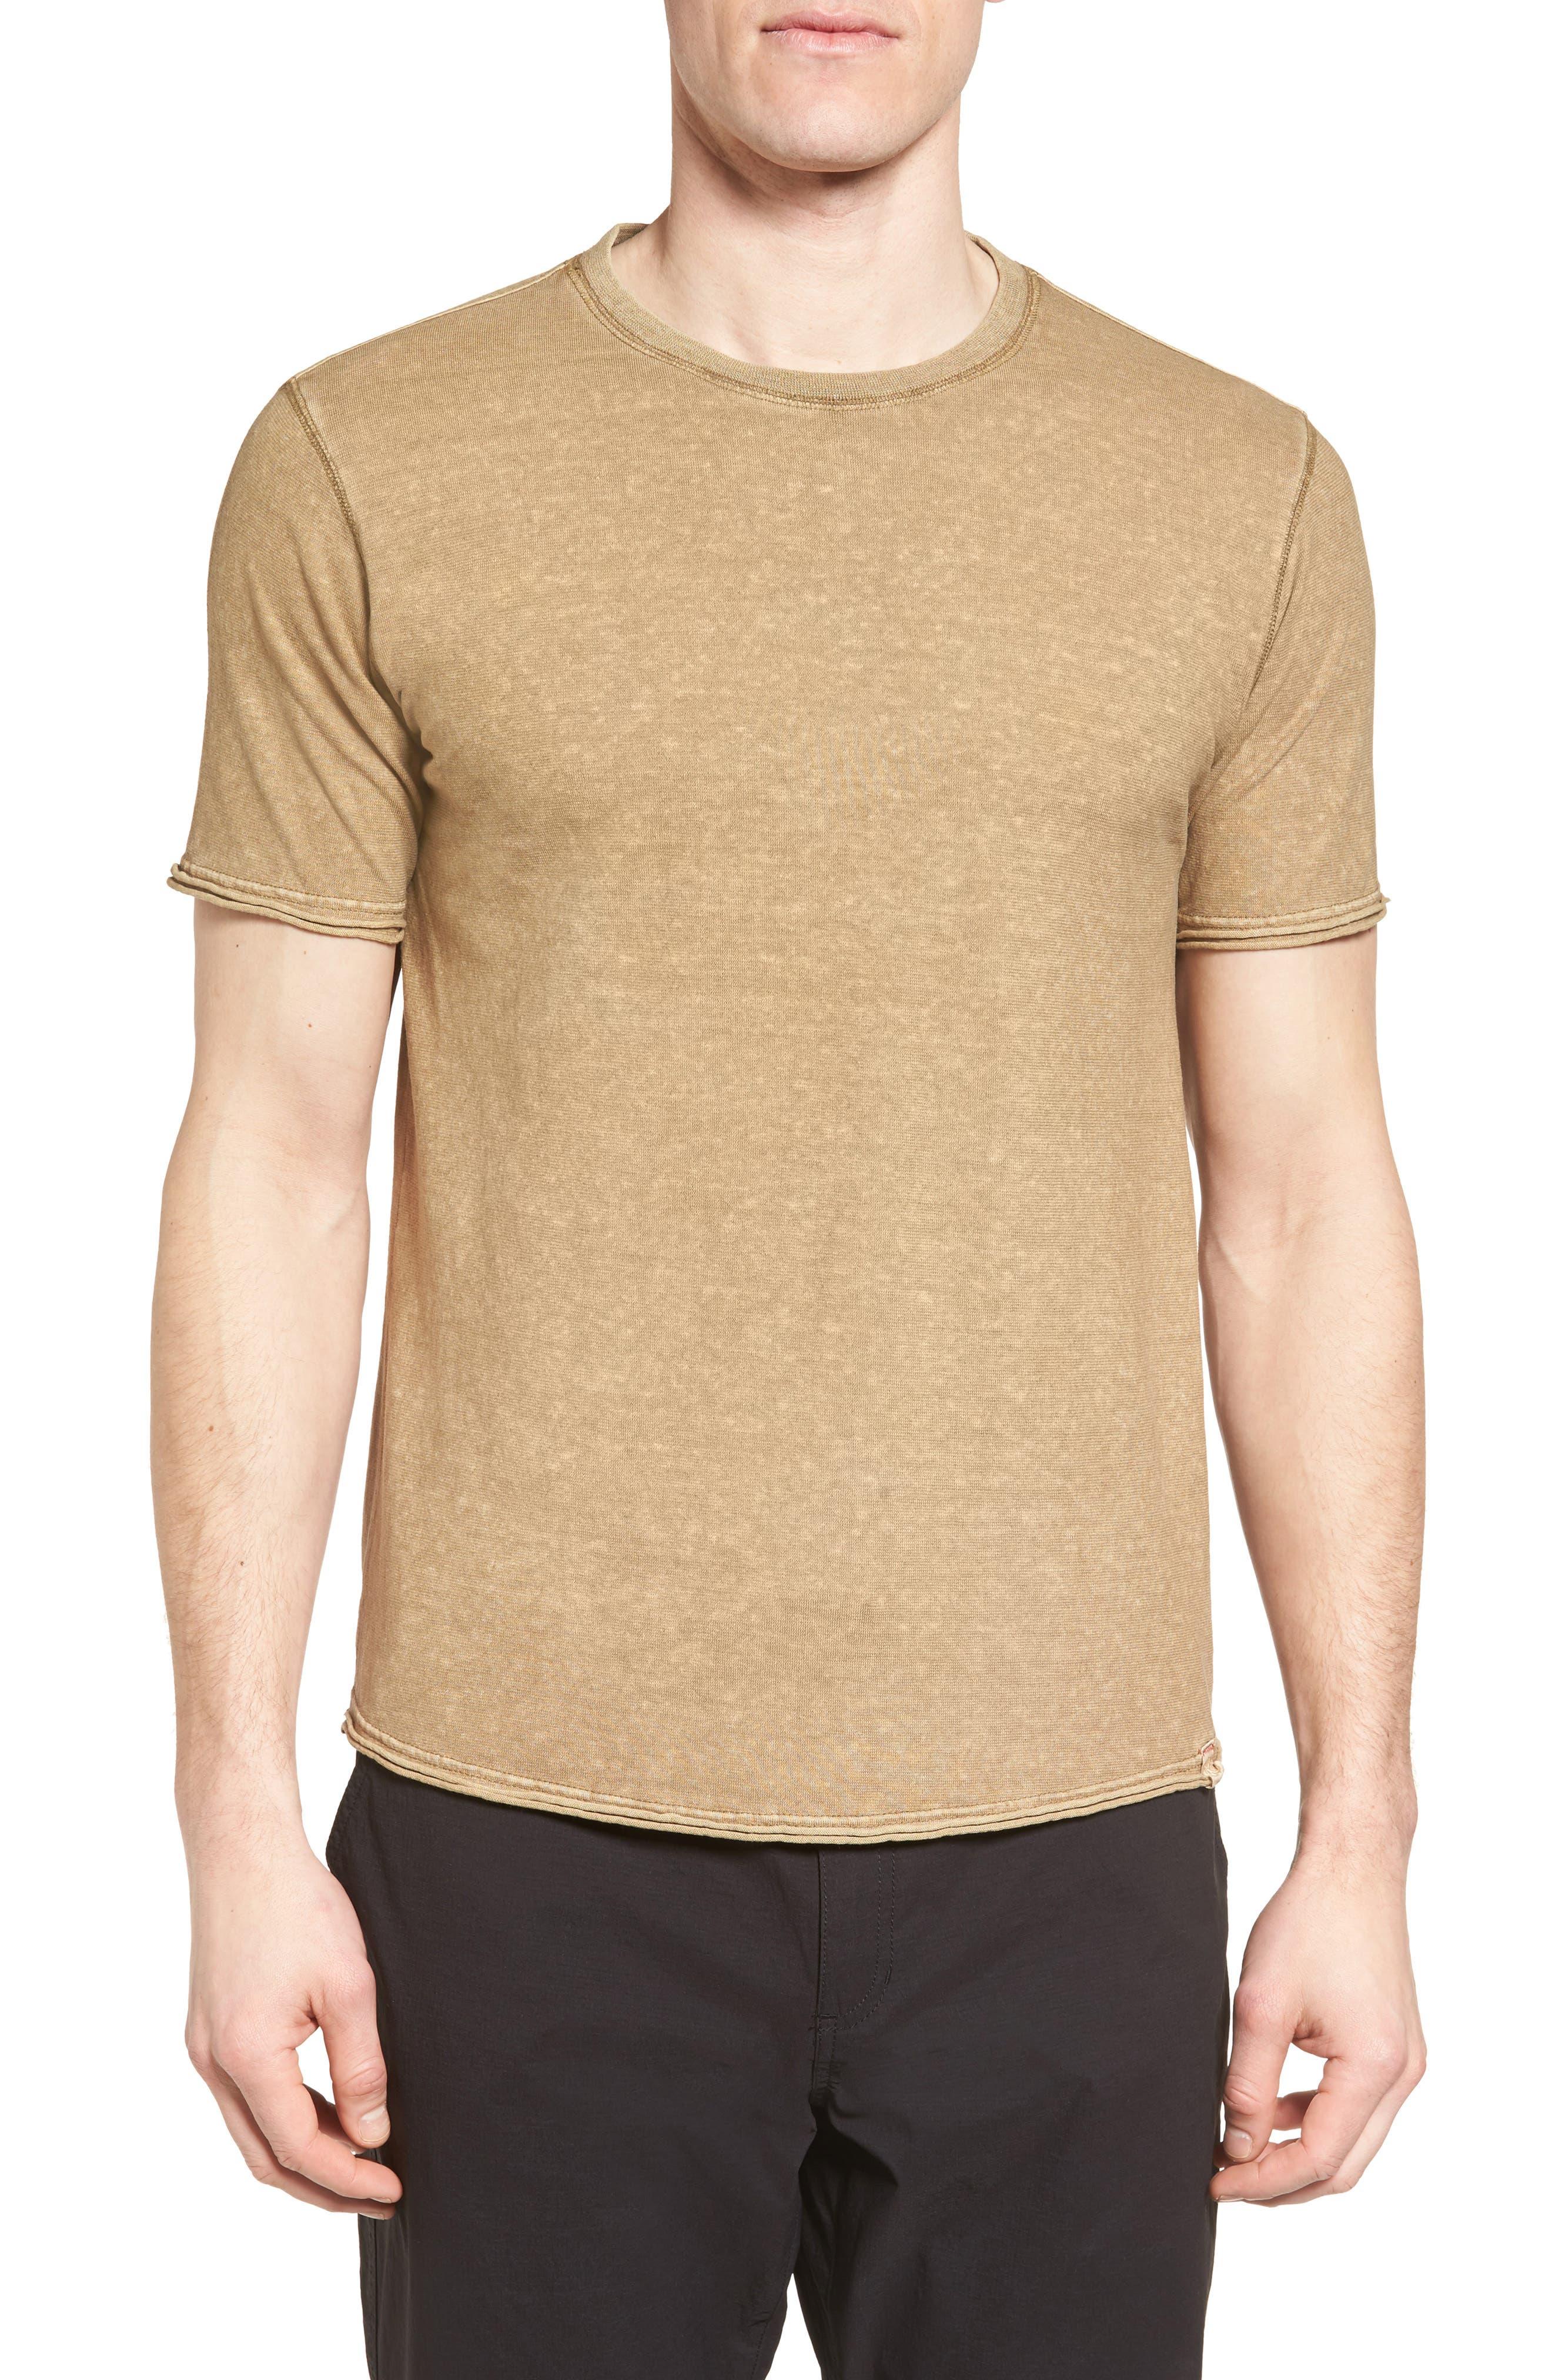 Alternate Image 1 Selected - Gramicci Camura T-Shirt